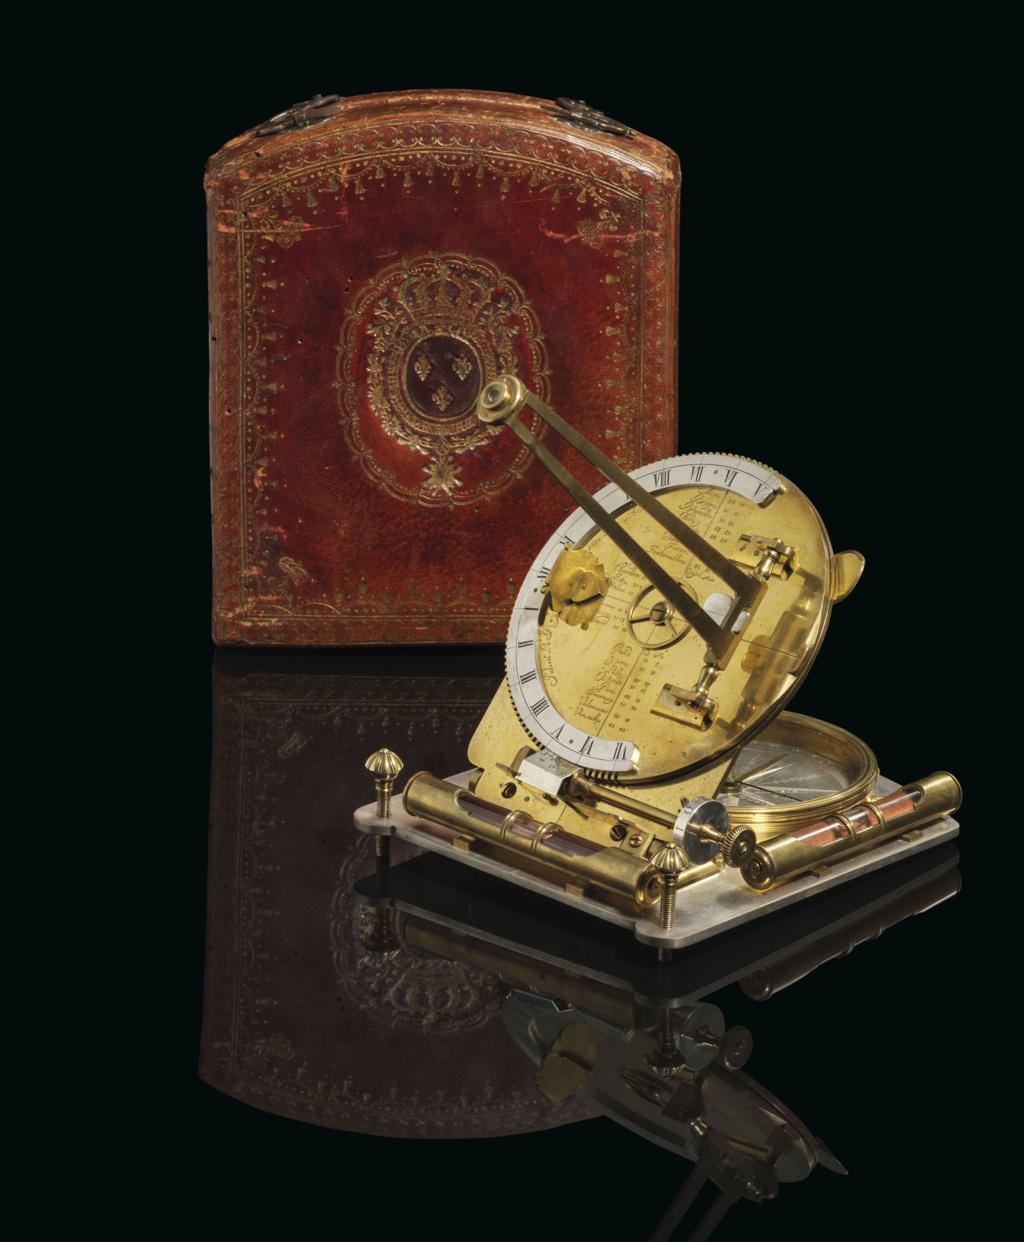 Latitudes et longitudes, les instruments de mesure du temps pour les voyages : chronomètre de marine, cadrans solaires et boussoles du XVIIIe siècle 2019_c40